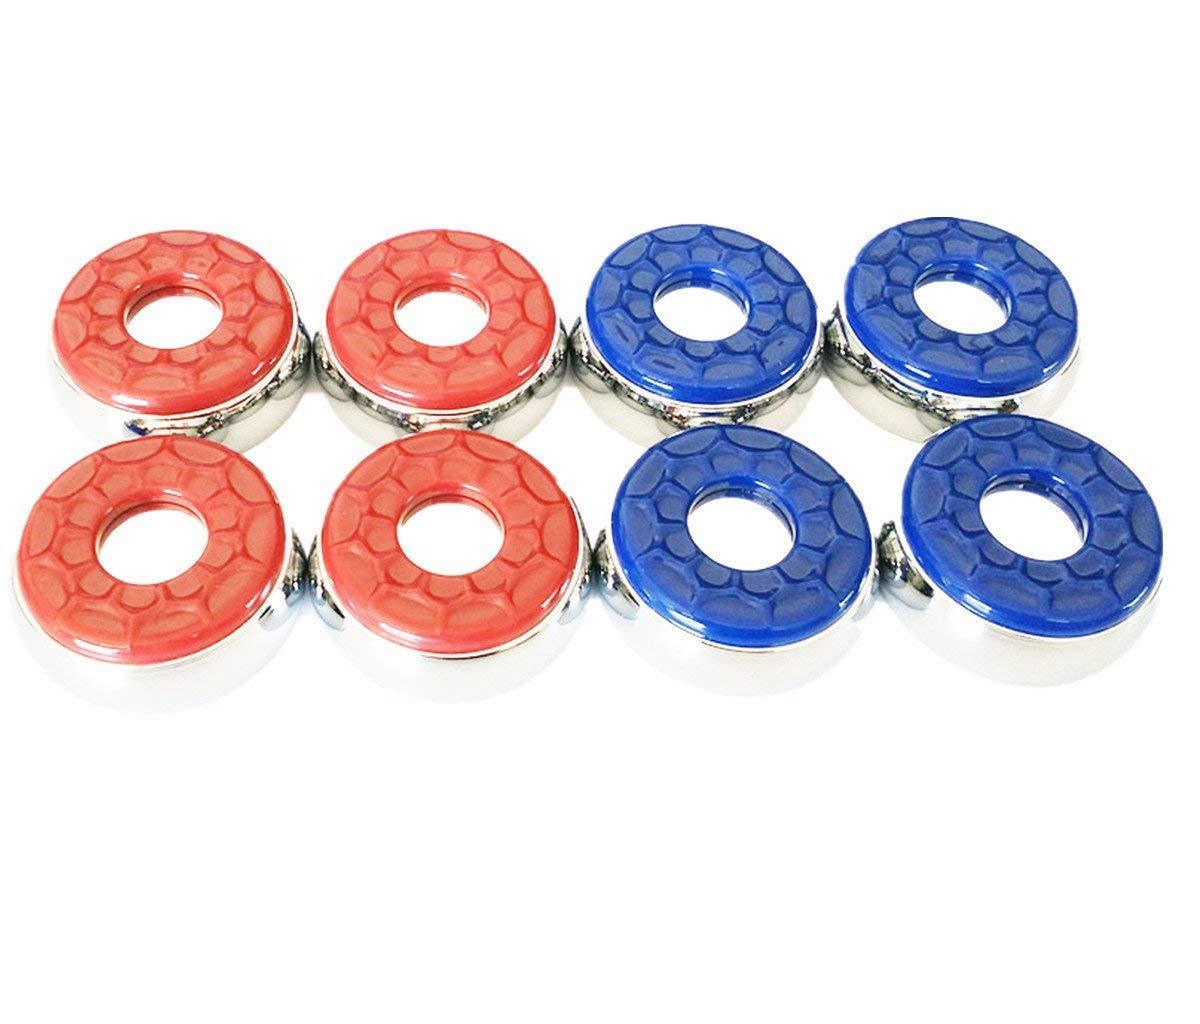 WETONG Shuffleboard Pucks, 2-5/16'' (58mm) Set of 8 by WETONG